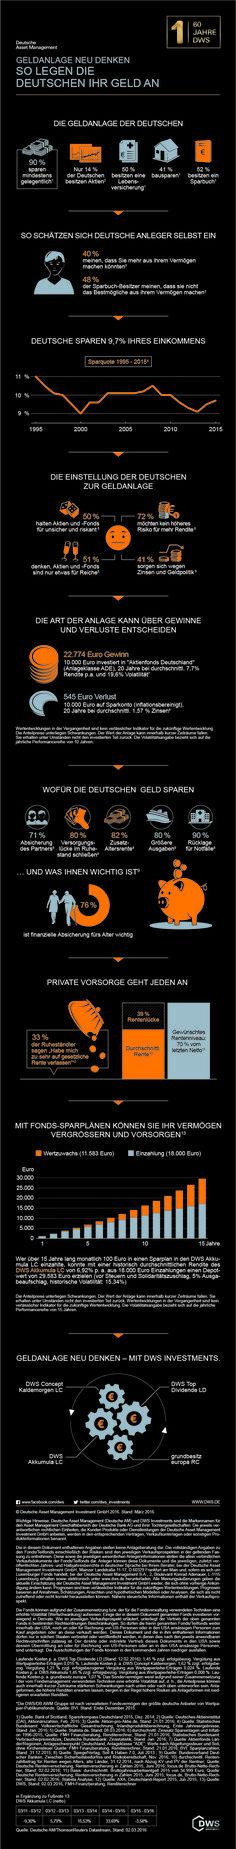 Geldanlage der Deutschen (Infografik) | Deutsche Asset Management - DWS #Geldanlage #Investments